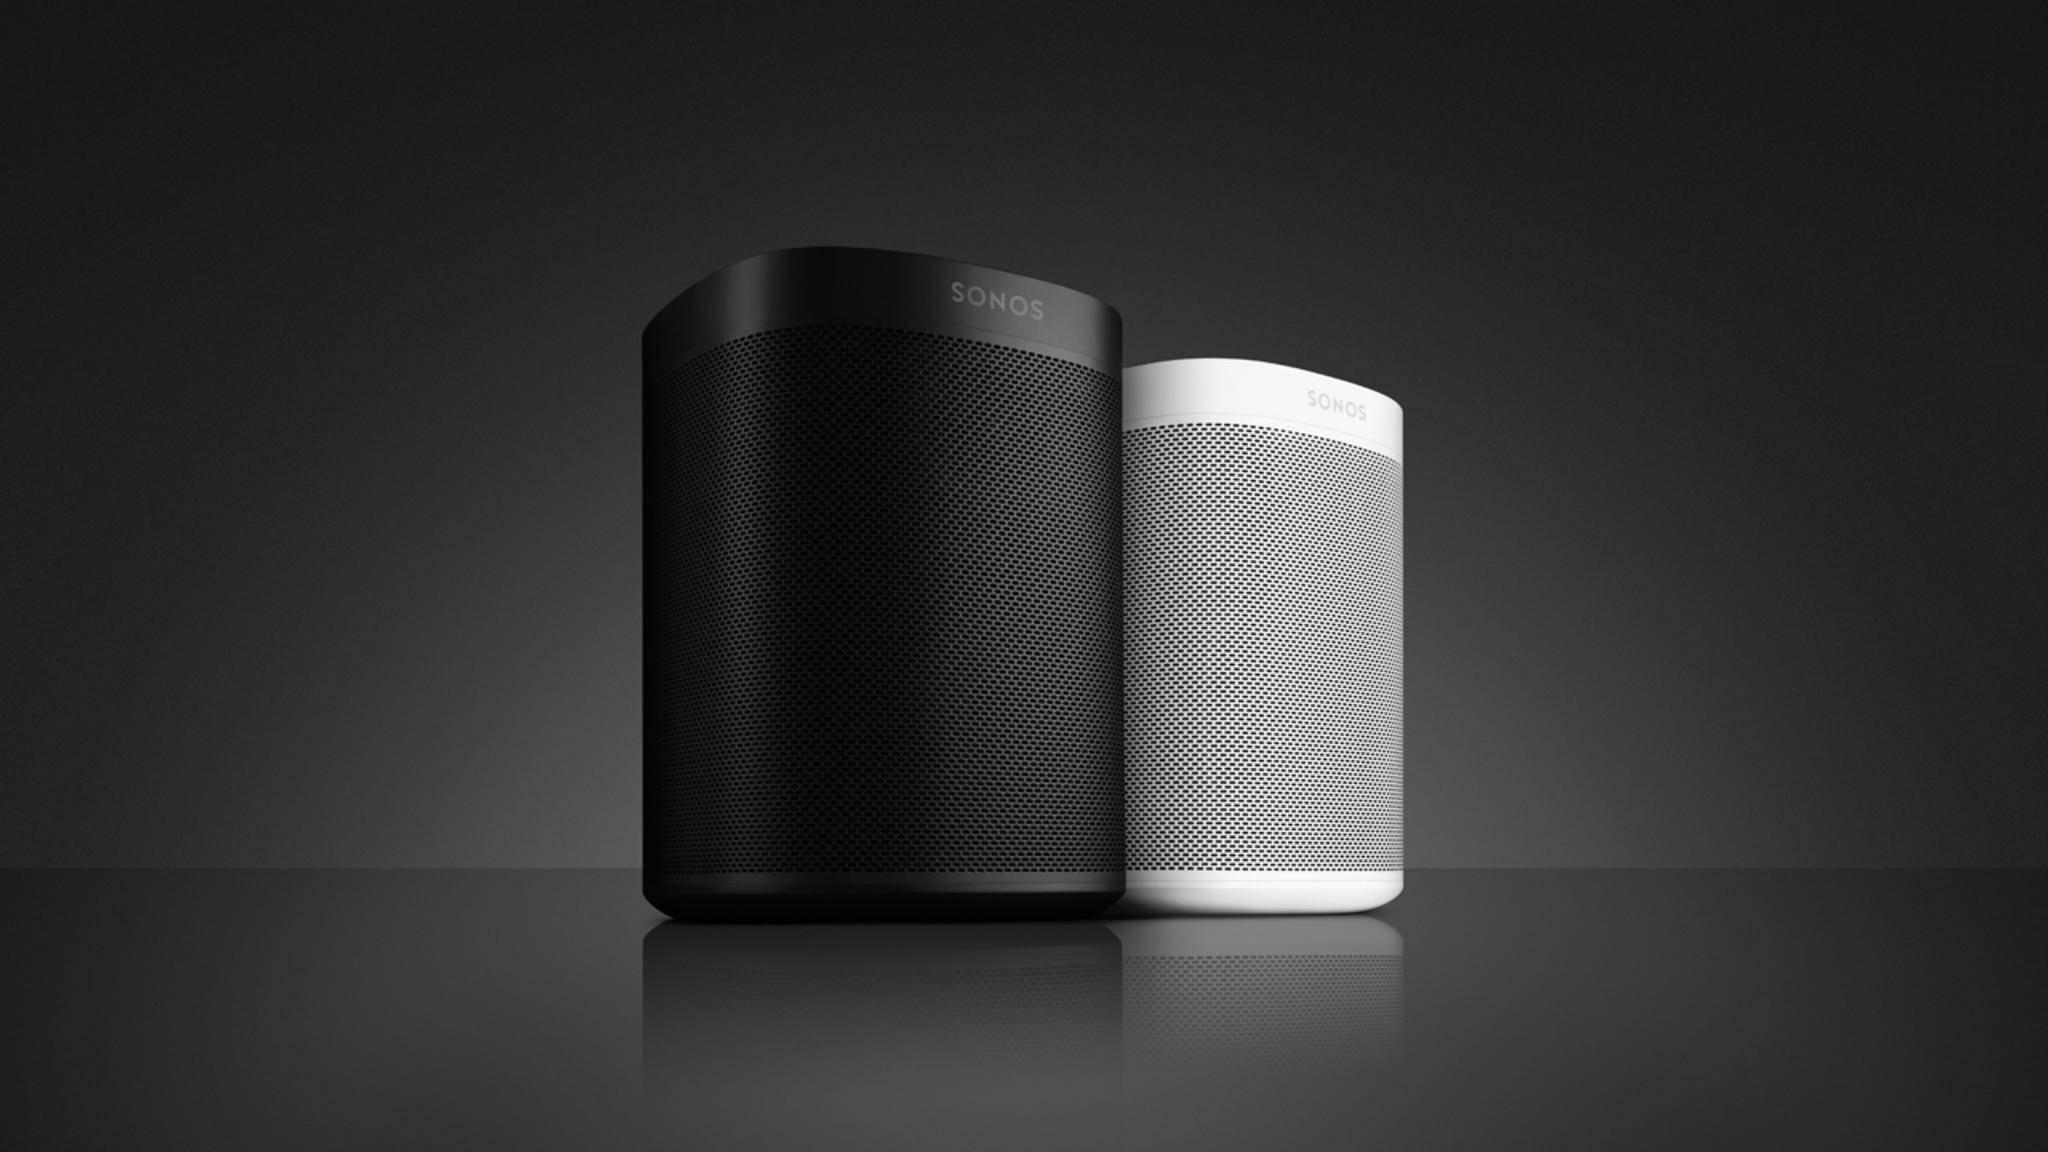 Der Google Assistant kommt nicht mehr in diesem Jahr für Sonos-Lautsprecher.